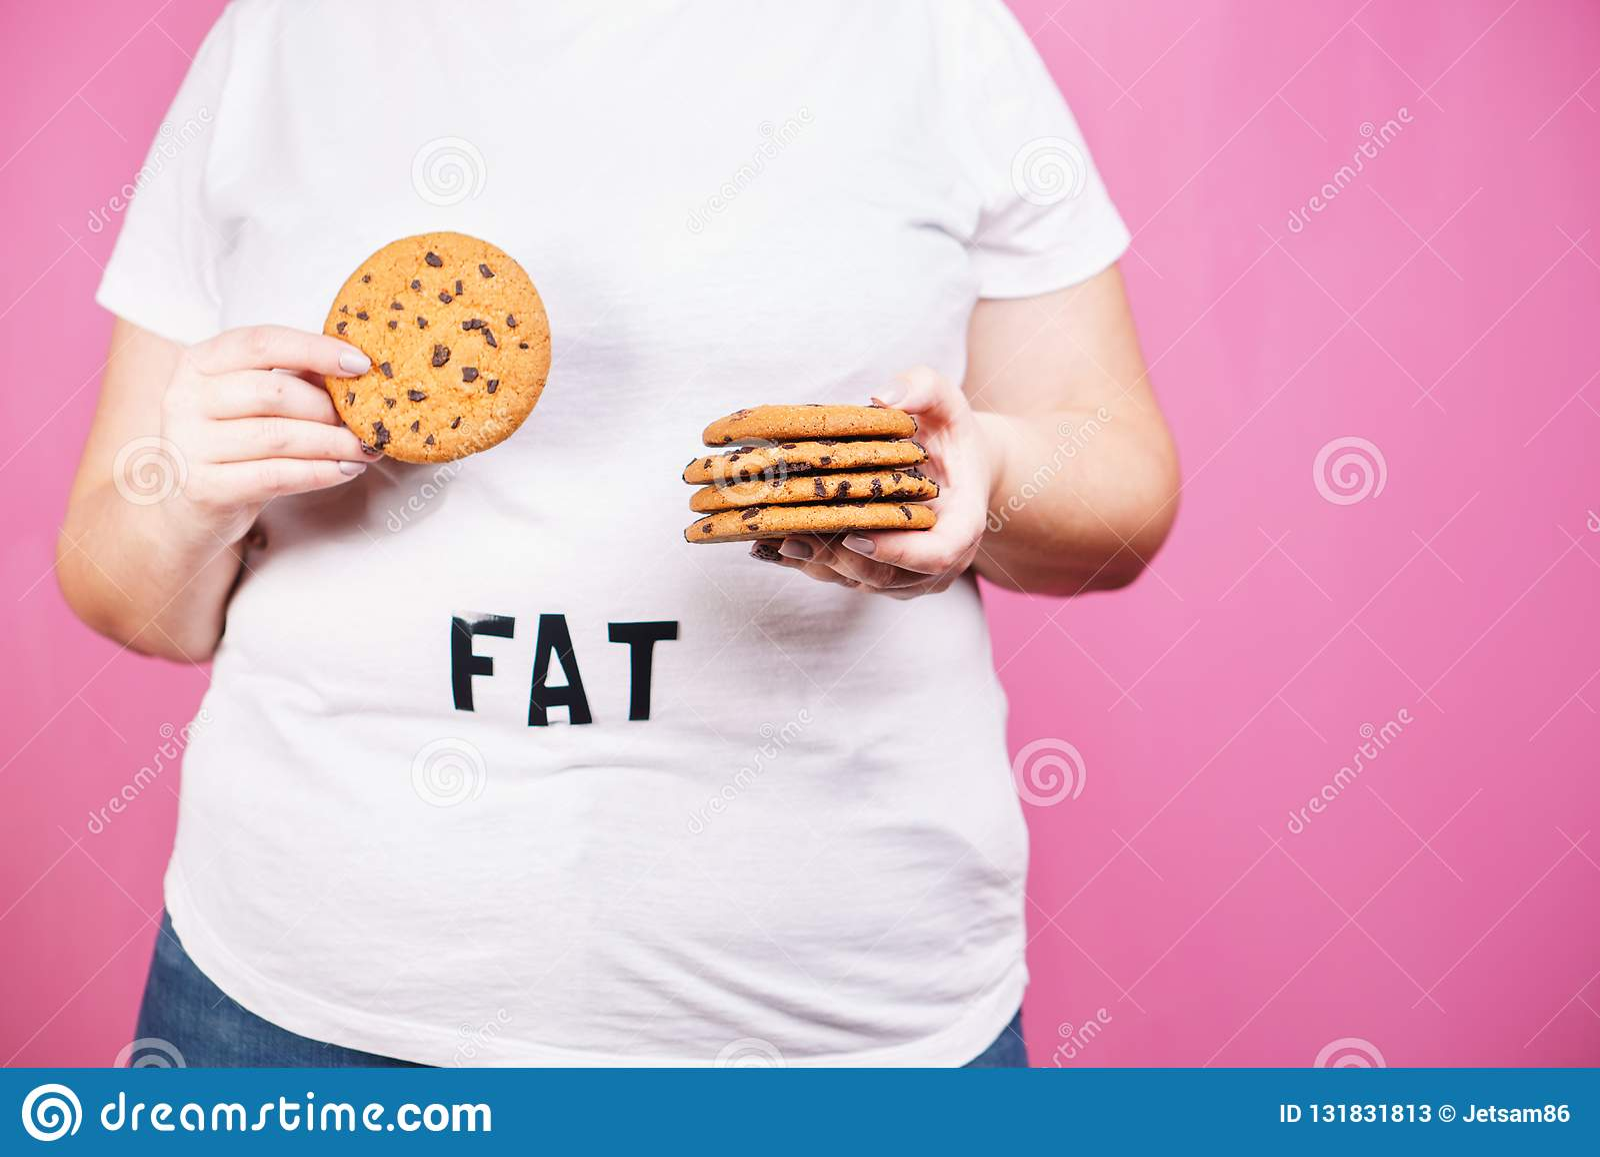 暴饮暴食,节食,暴食者,糖瘾,糖尿病